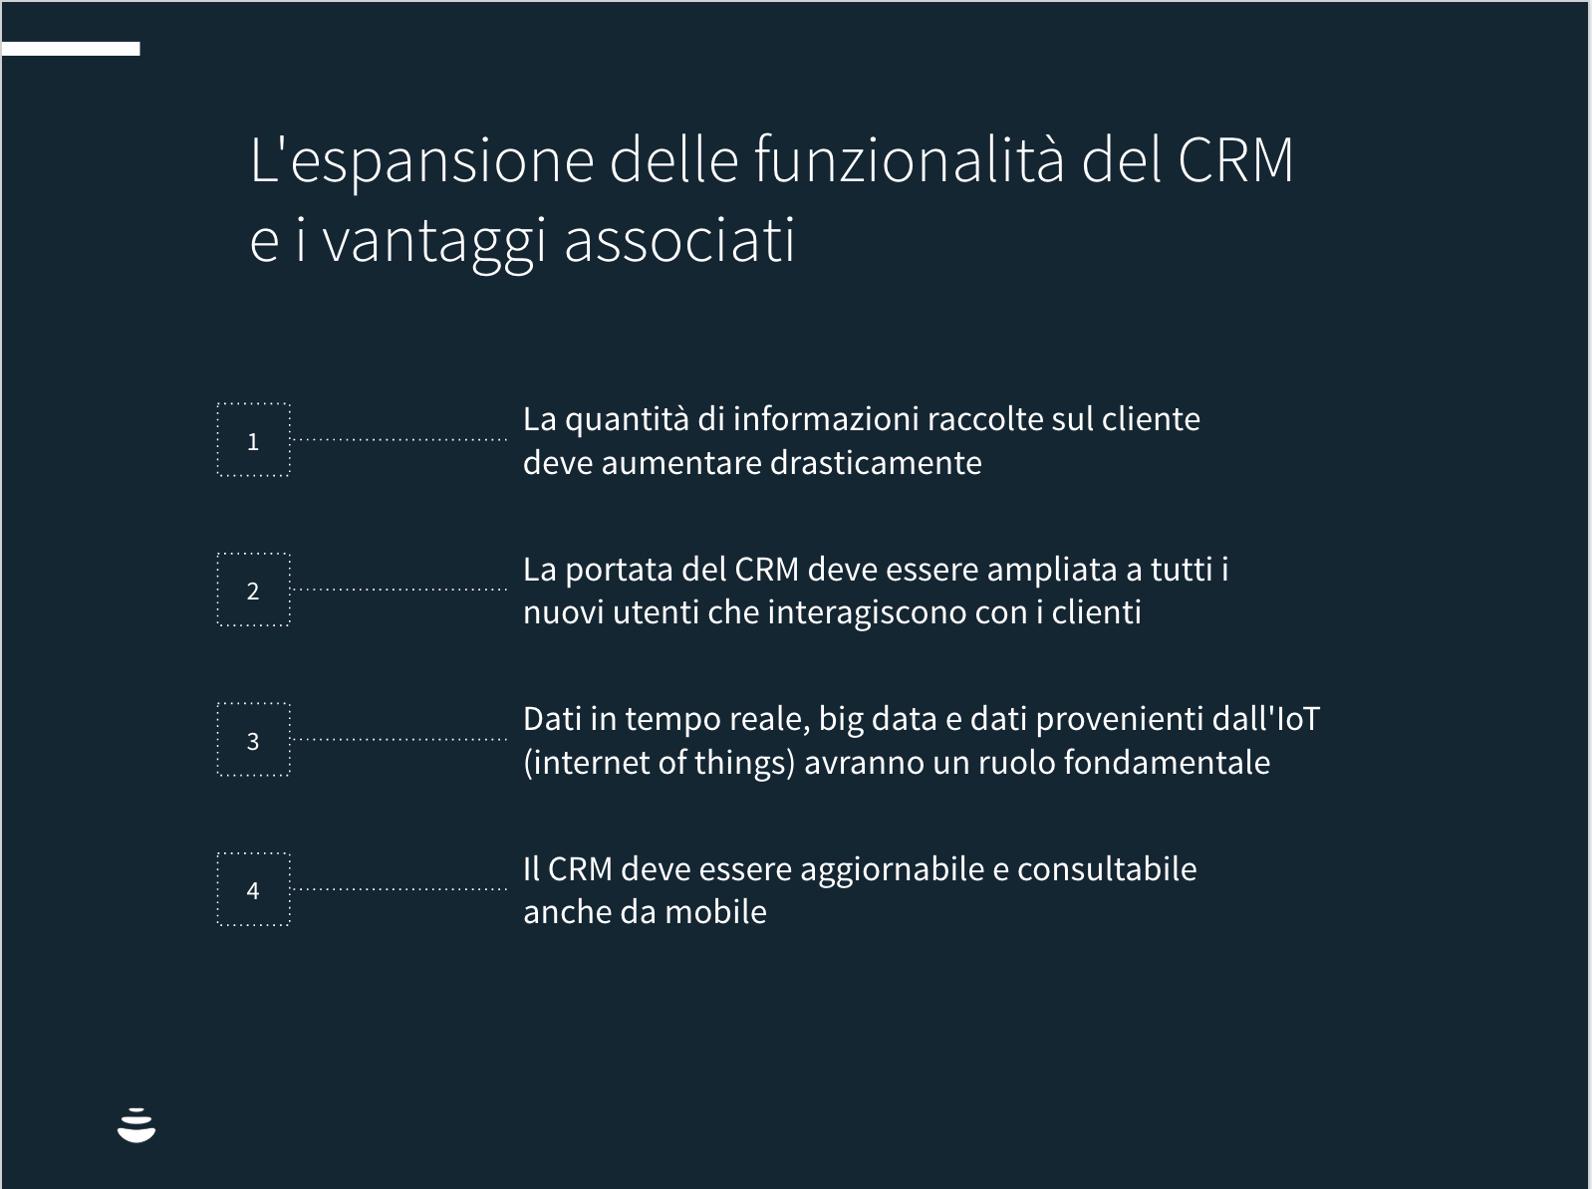 funzionalita crm-1